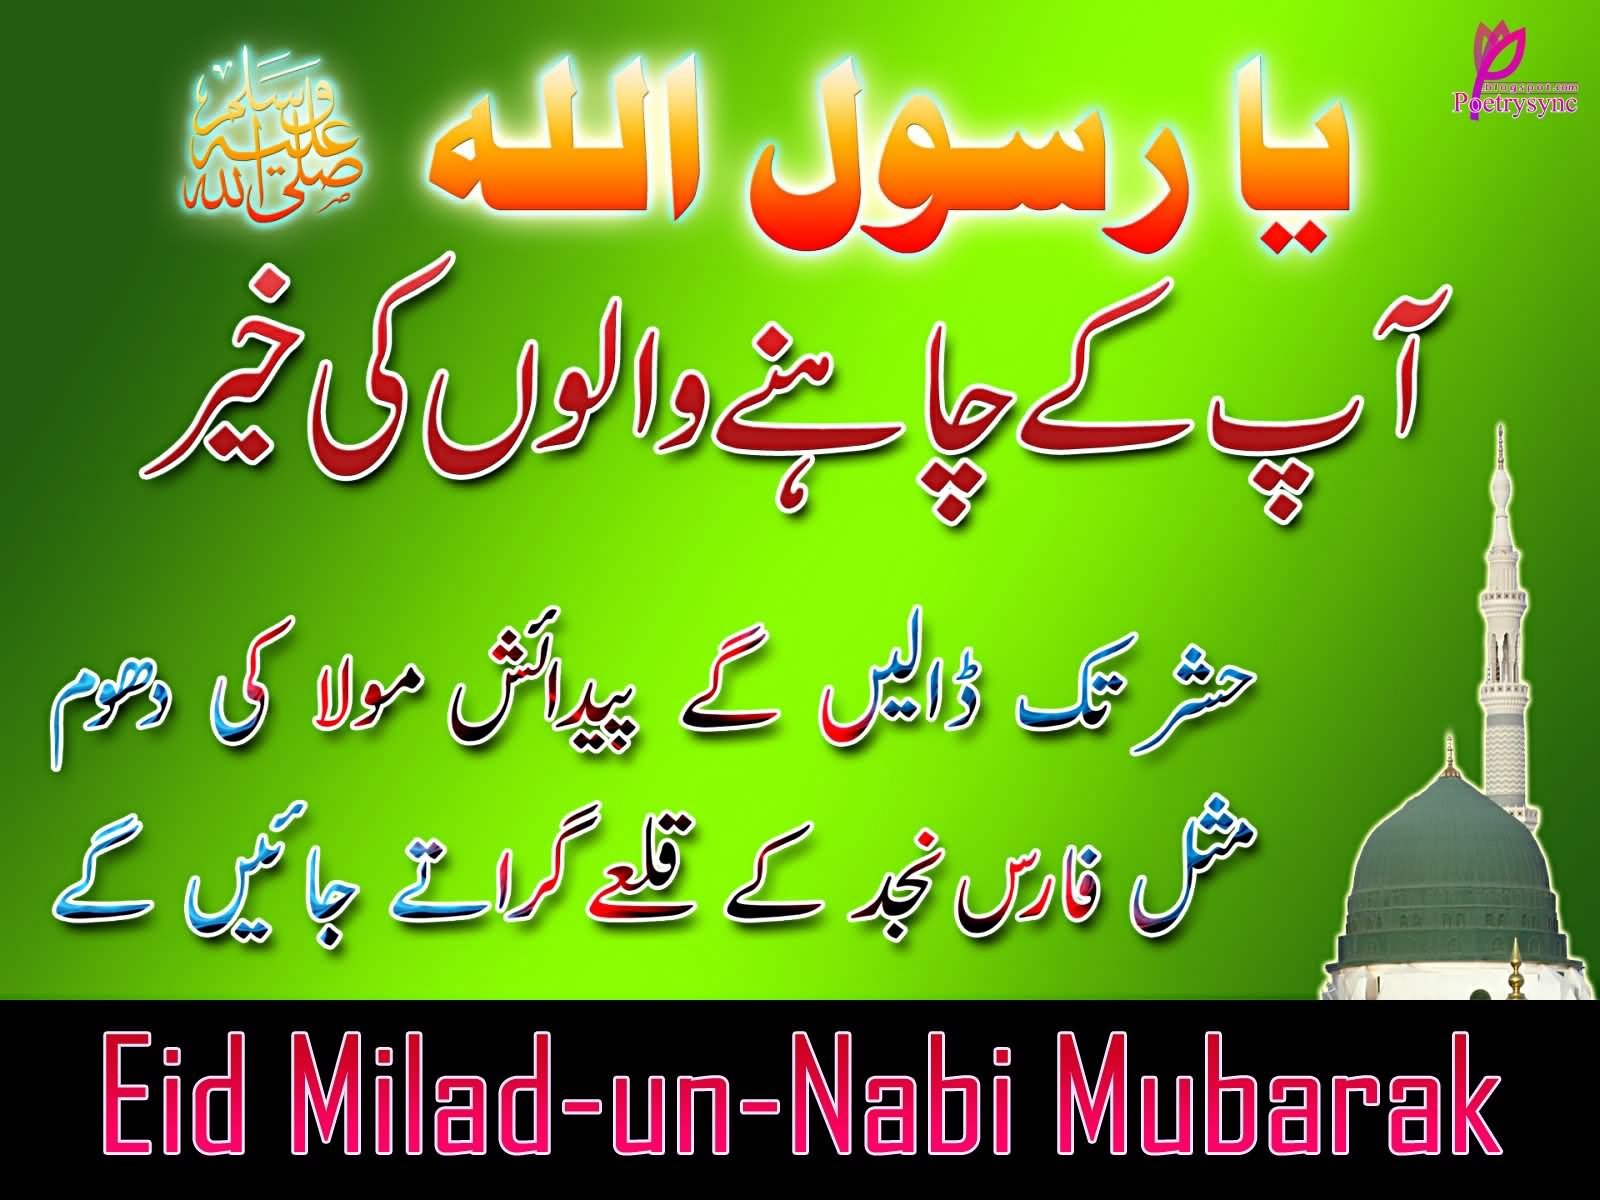 Eid Milad Un Nabi Mubarak Greetings